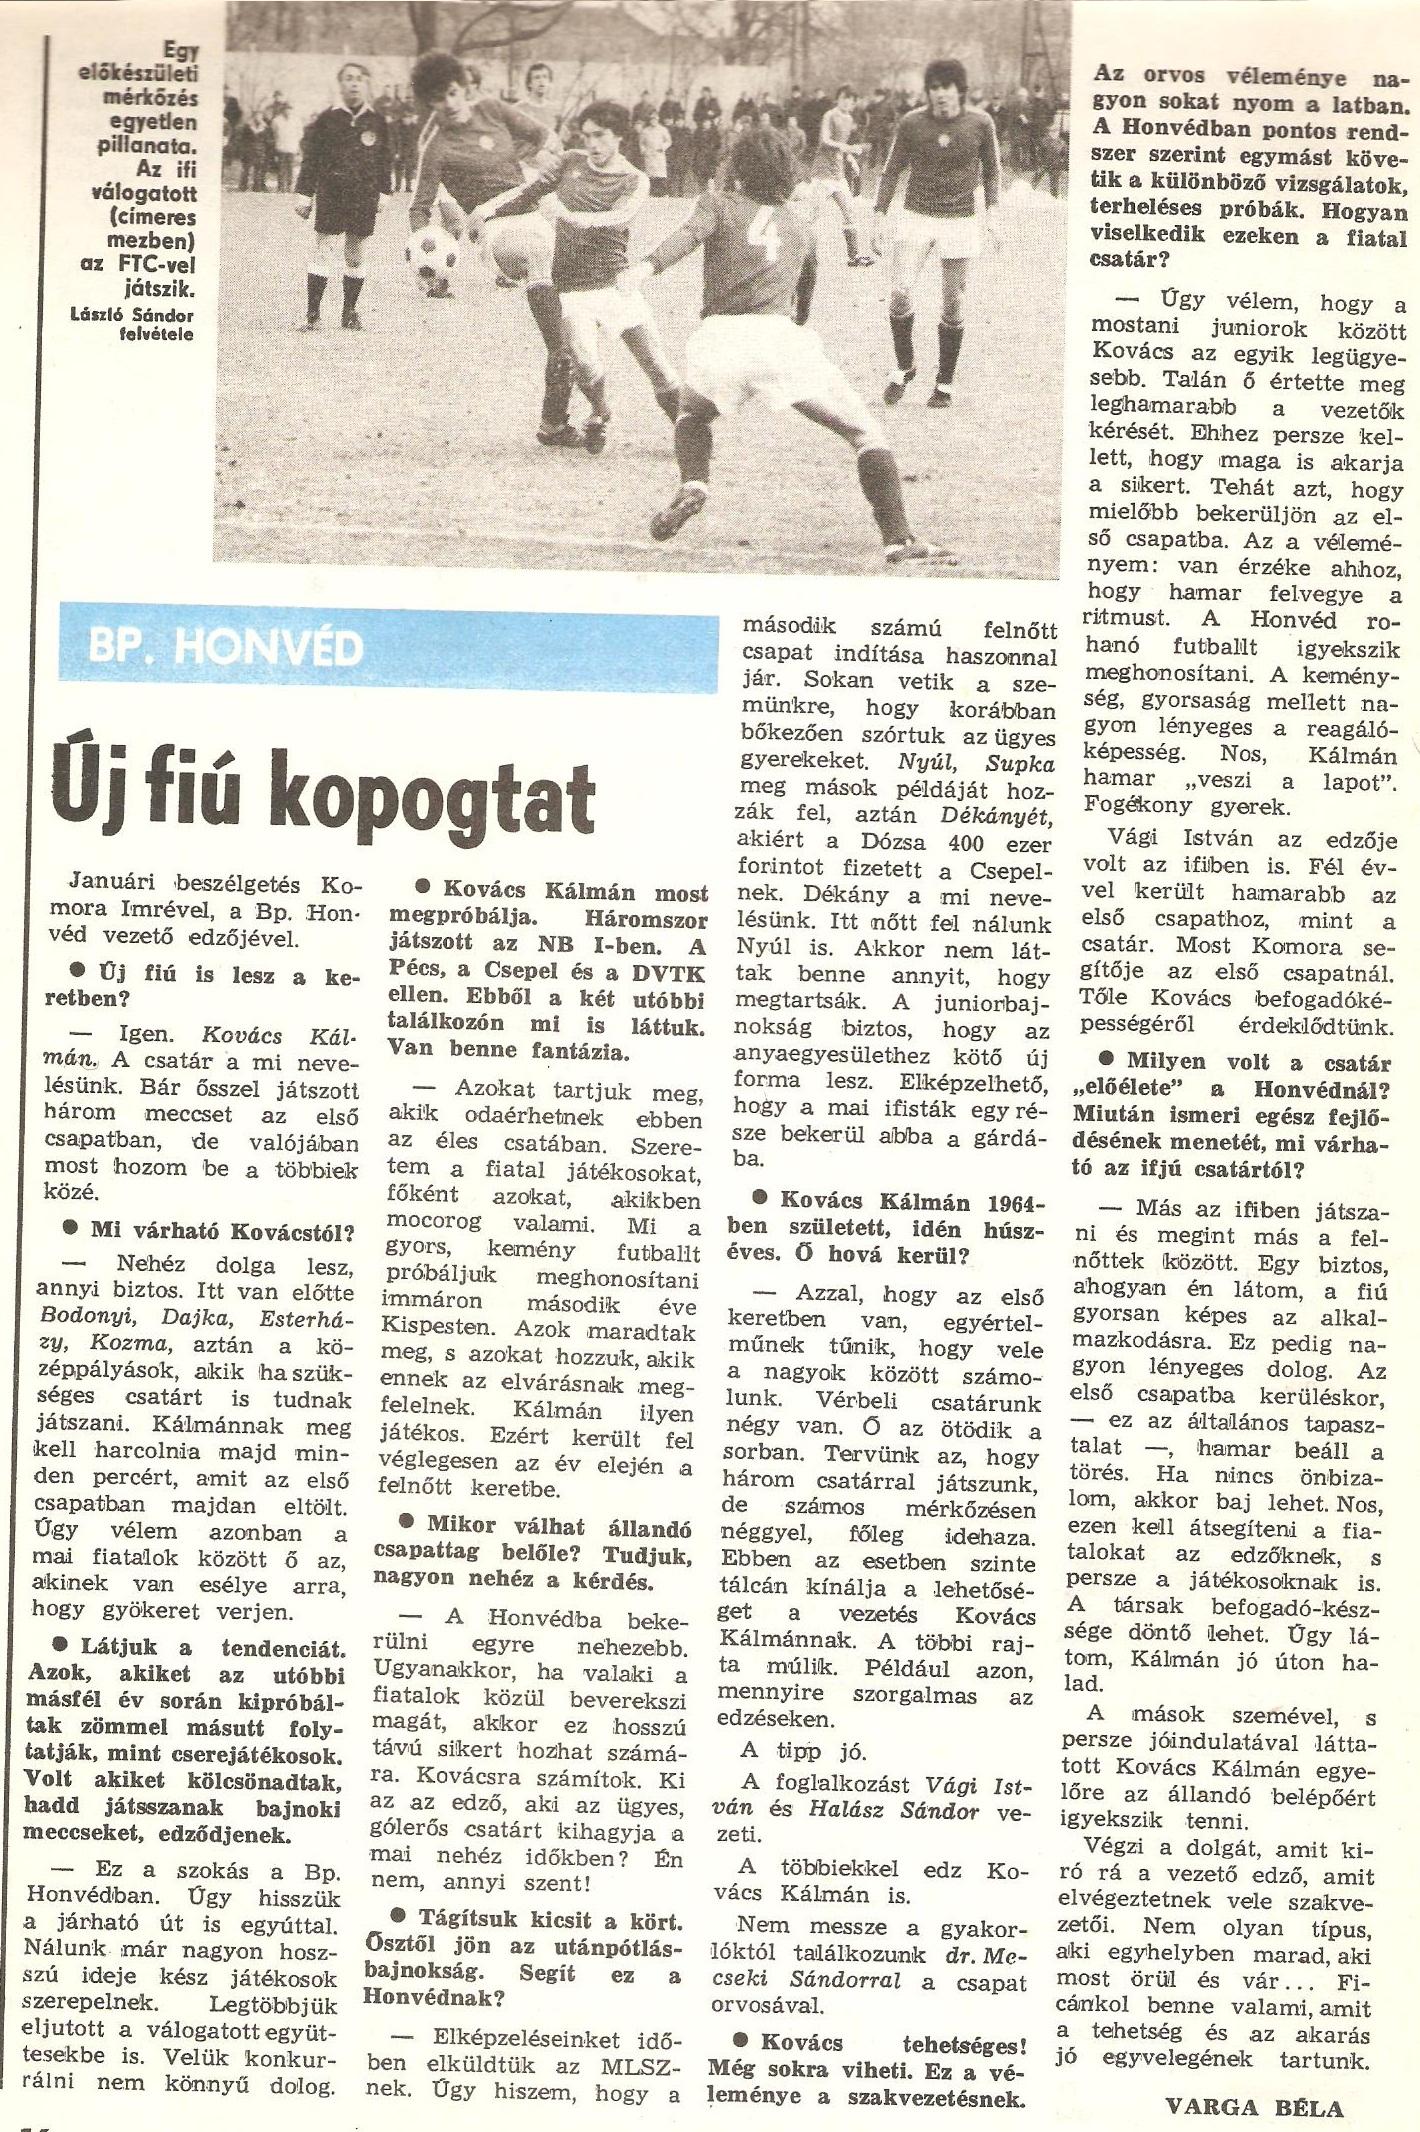 Idokapszula_1983-84_Teliszunet_bevetes_elott_Bp_Honved.jpg